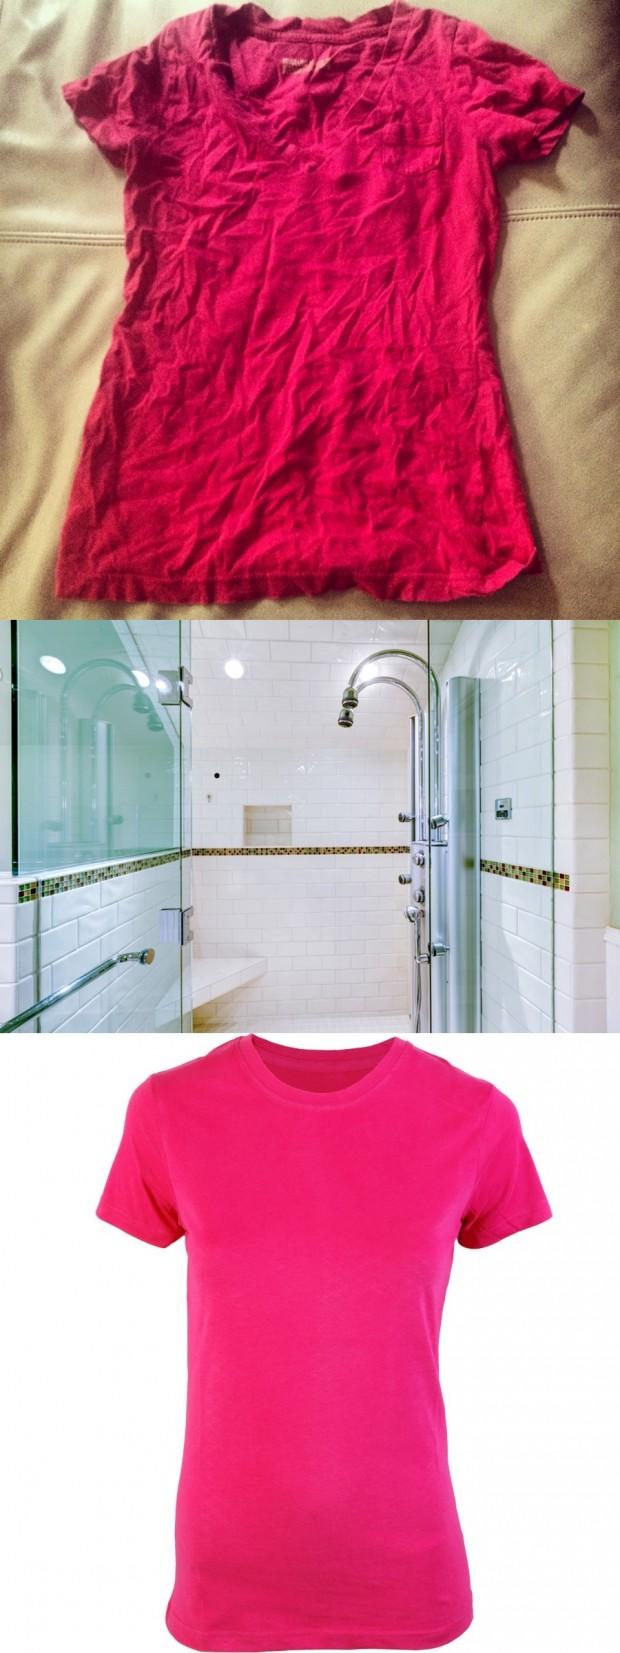 Kırışan kıyafetleriniz için küvete sıcak suyu açıp kıyafetinizi banyoya asın, banyonun kapısını kapatın. İçeride oluşan buhar sayesinde kırışan kıyafetinizin kırışıklıklar